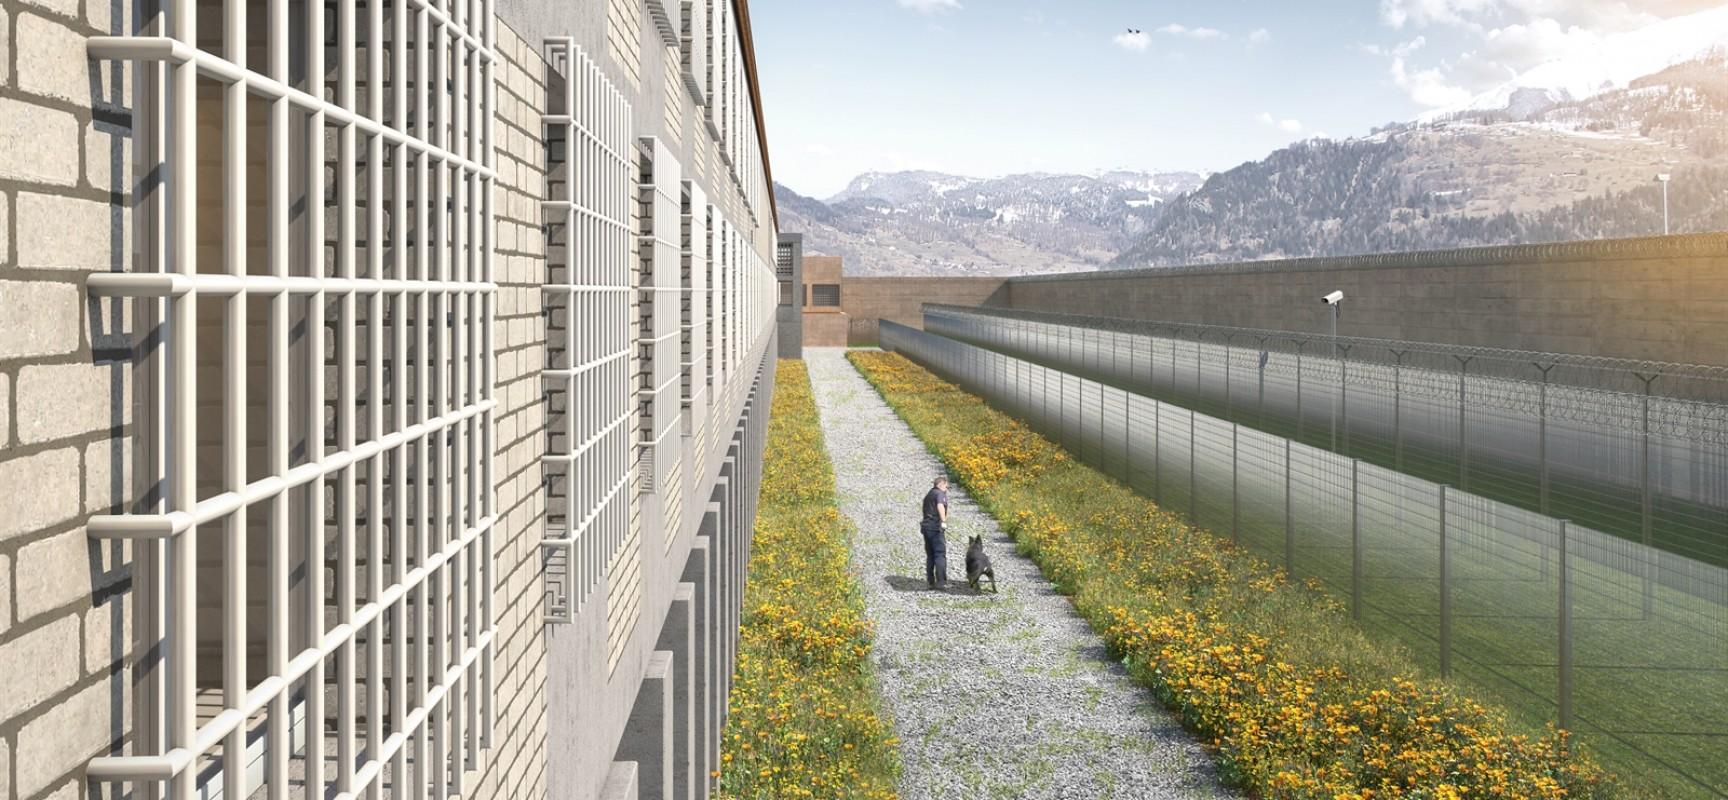 119 Millionen Franken für Kriminalität: Neubau geschlossener Justizvollzugsanstalt in Cazis